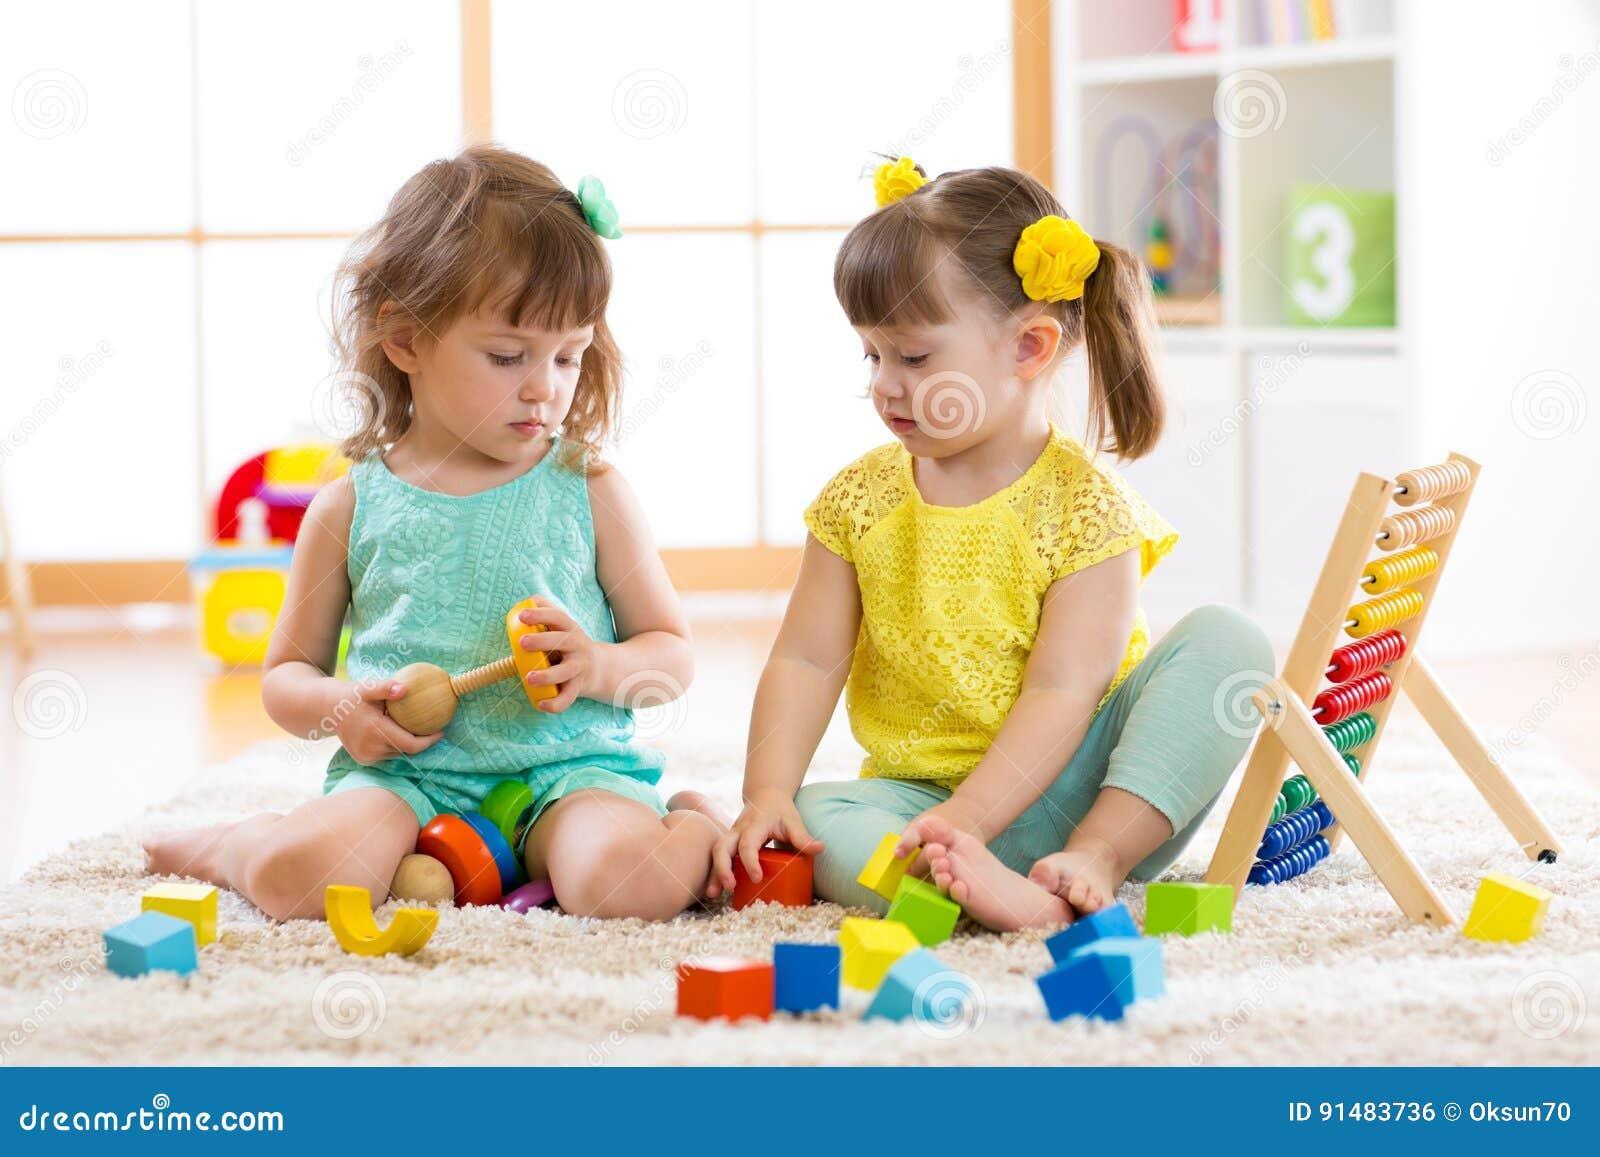 Παιδιά που παίζουν μαζί με τις δομικές μονάδες Εκπαιδευτικά παιχνίδια για τα παιδιά παιδικών σταθμών και παιδικών σταθμών Τα μικρ